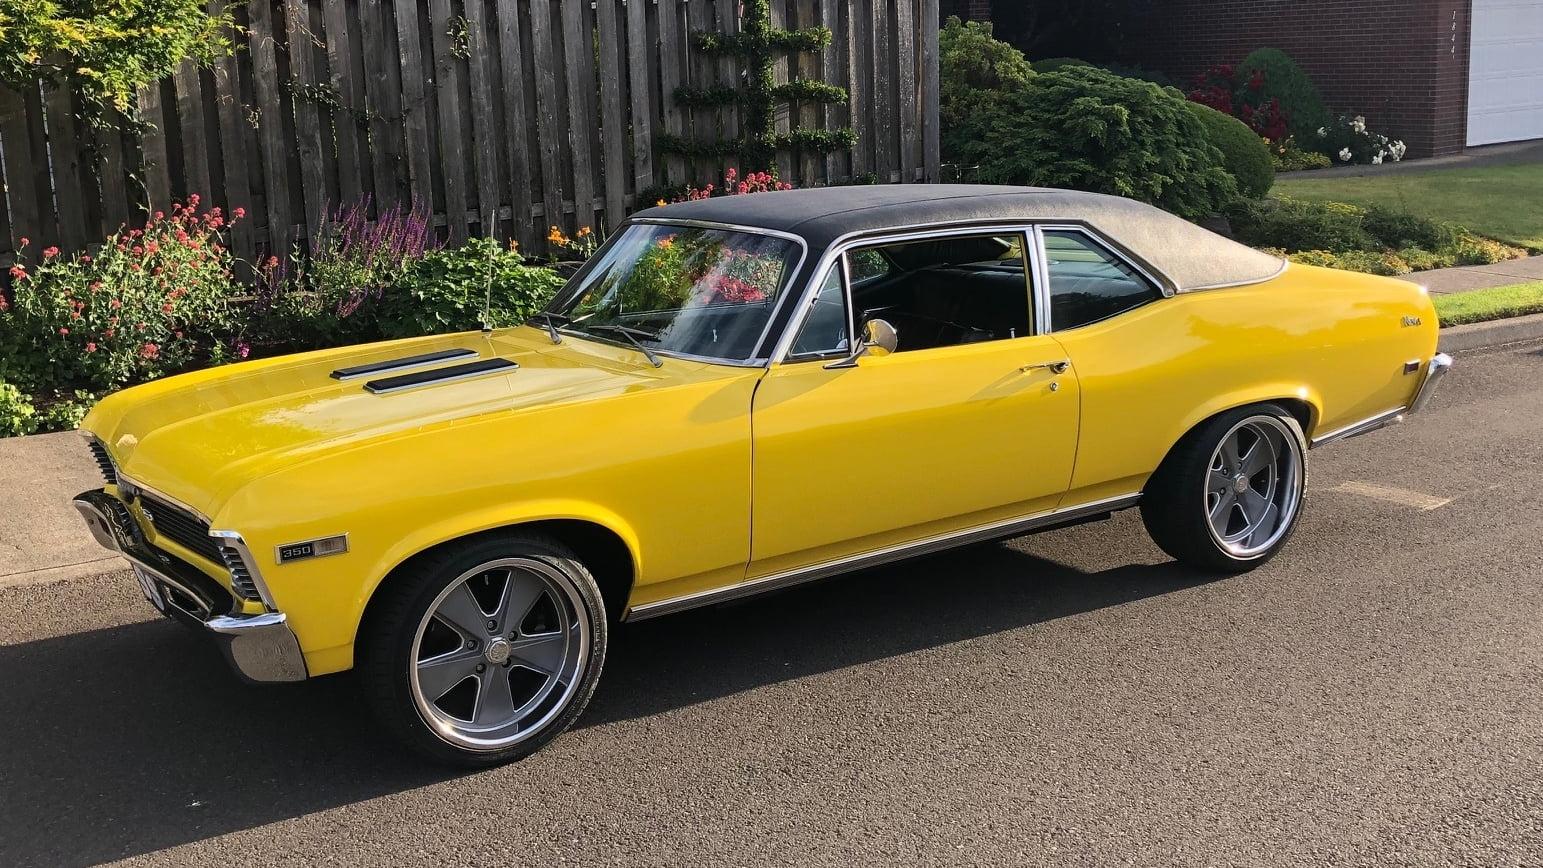 Фотографии автомобиля CHEVROLET NOVA RESTO MOD 1968 года.